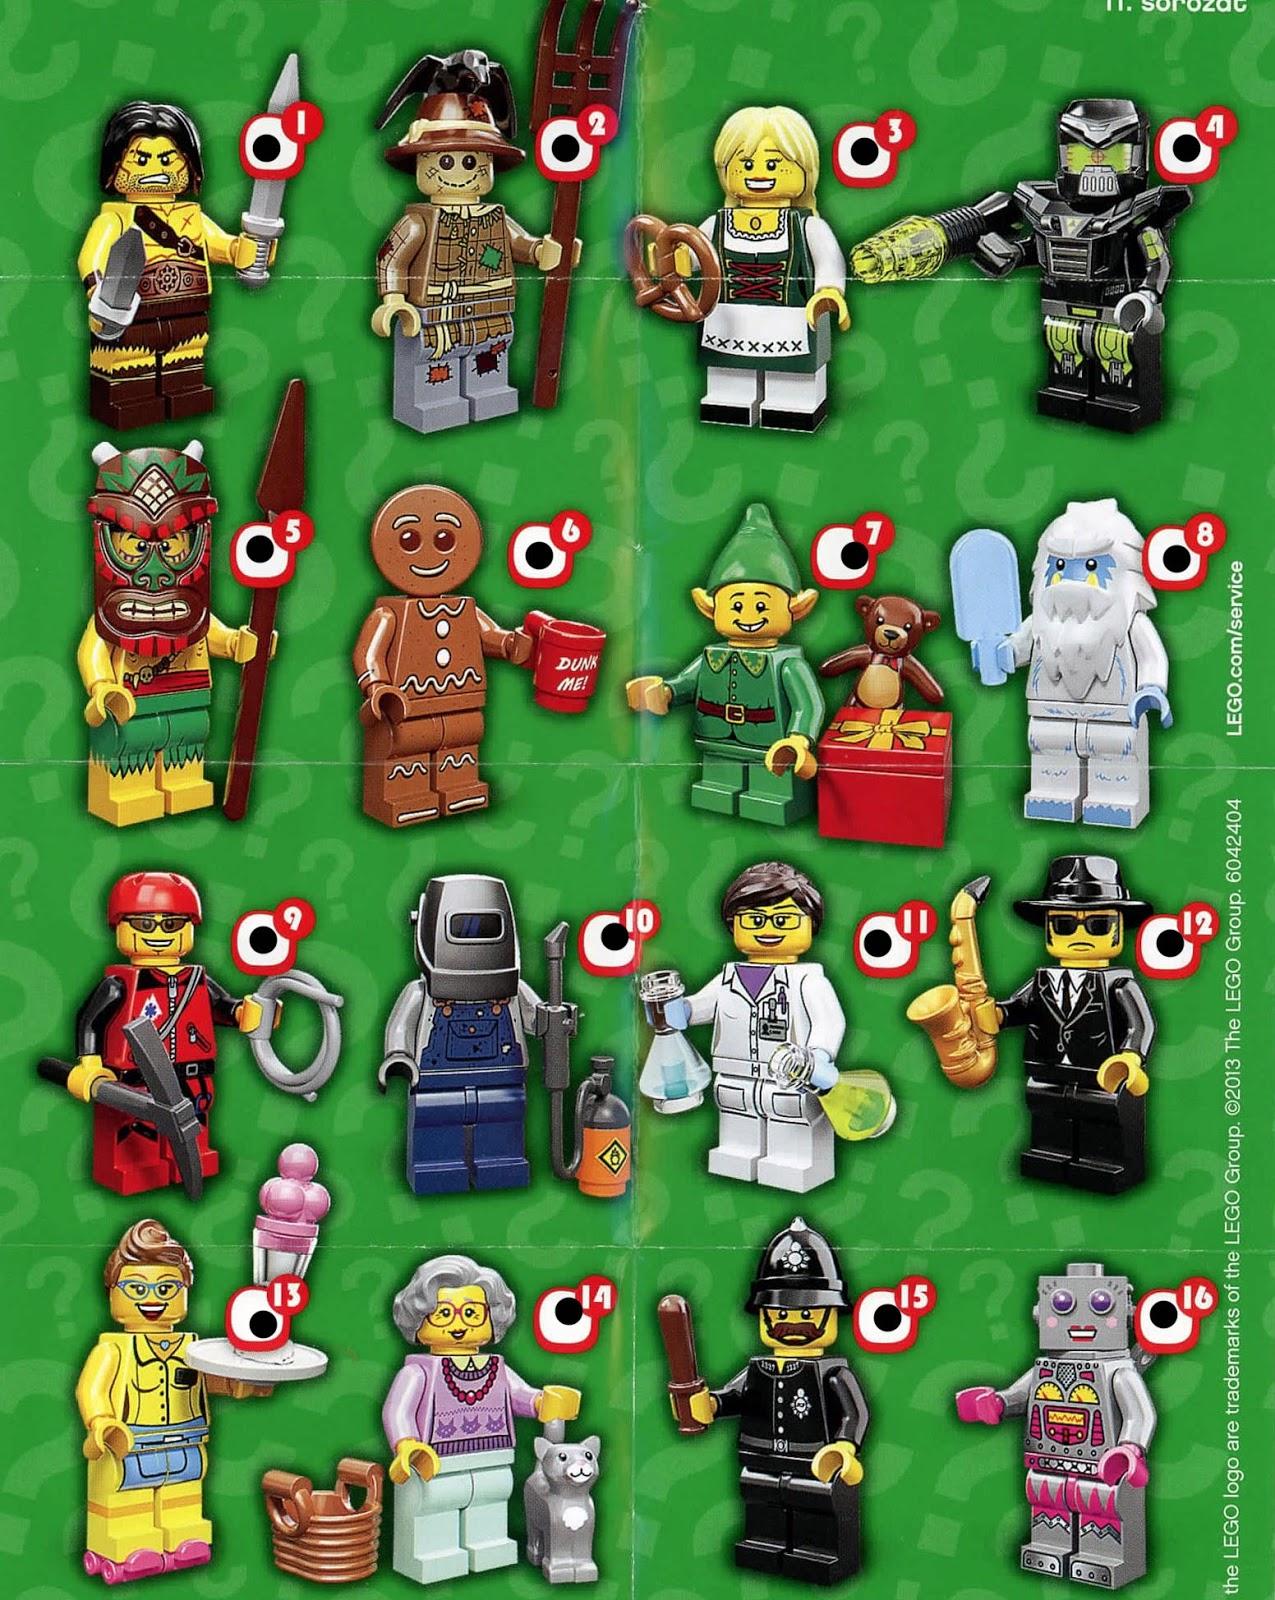 Good Thingz: Series 11 Lego Minifigures